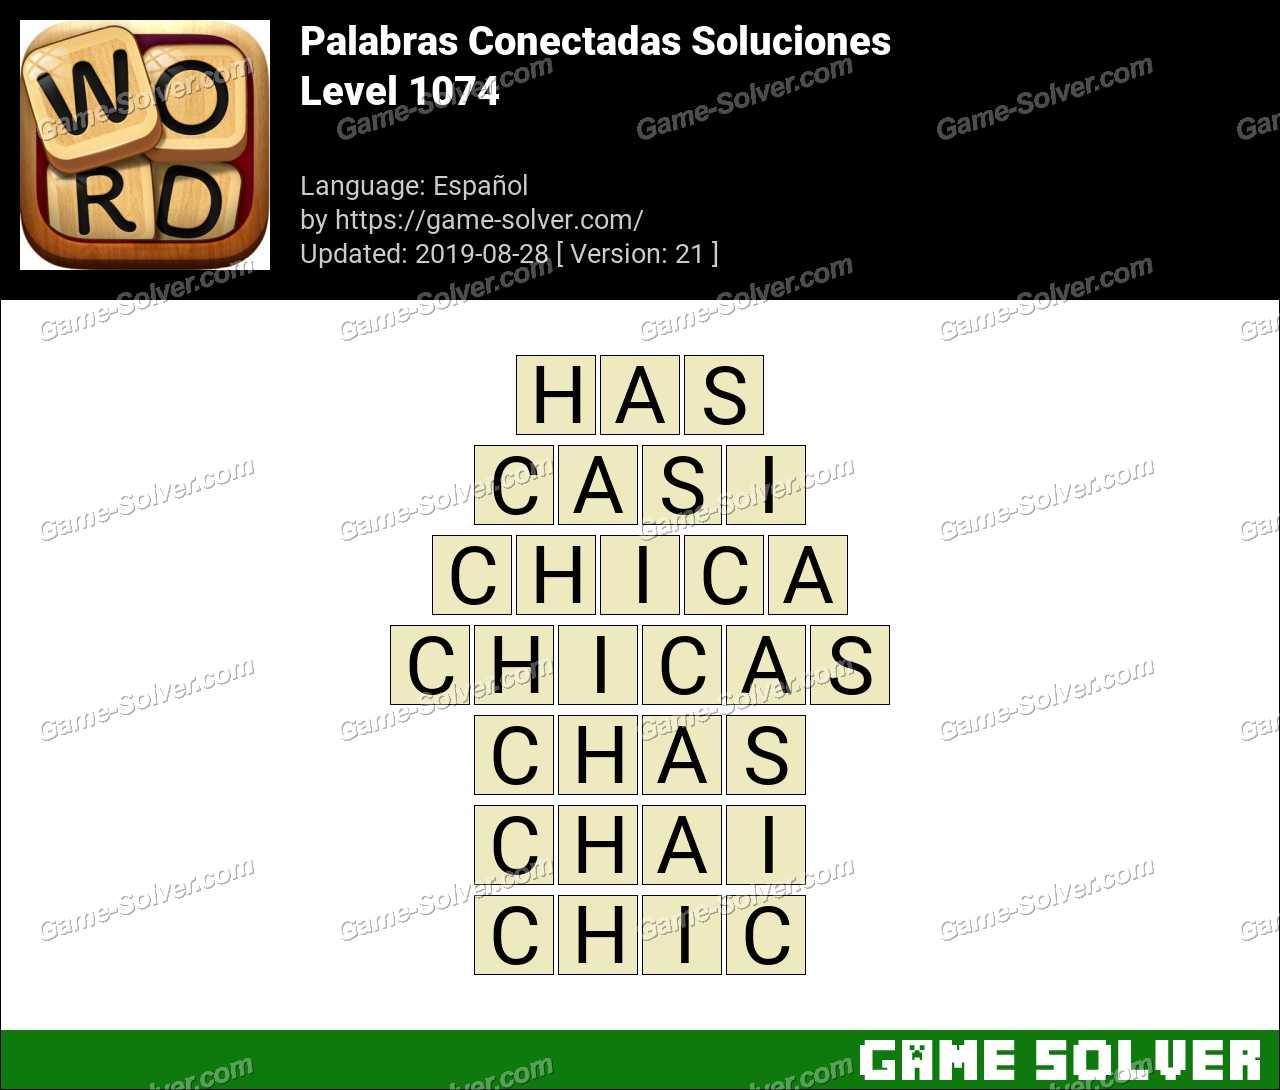 Palabras Conectadas Nivel 1074 Soluciones